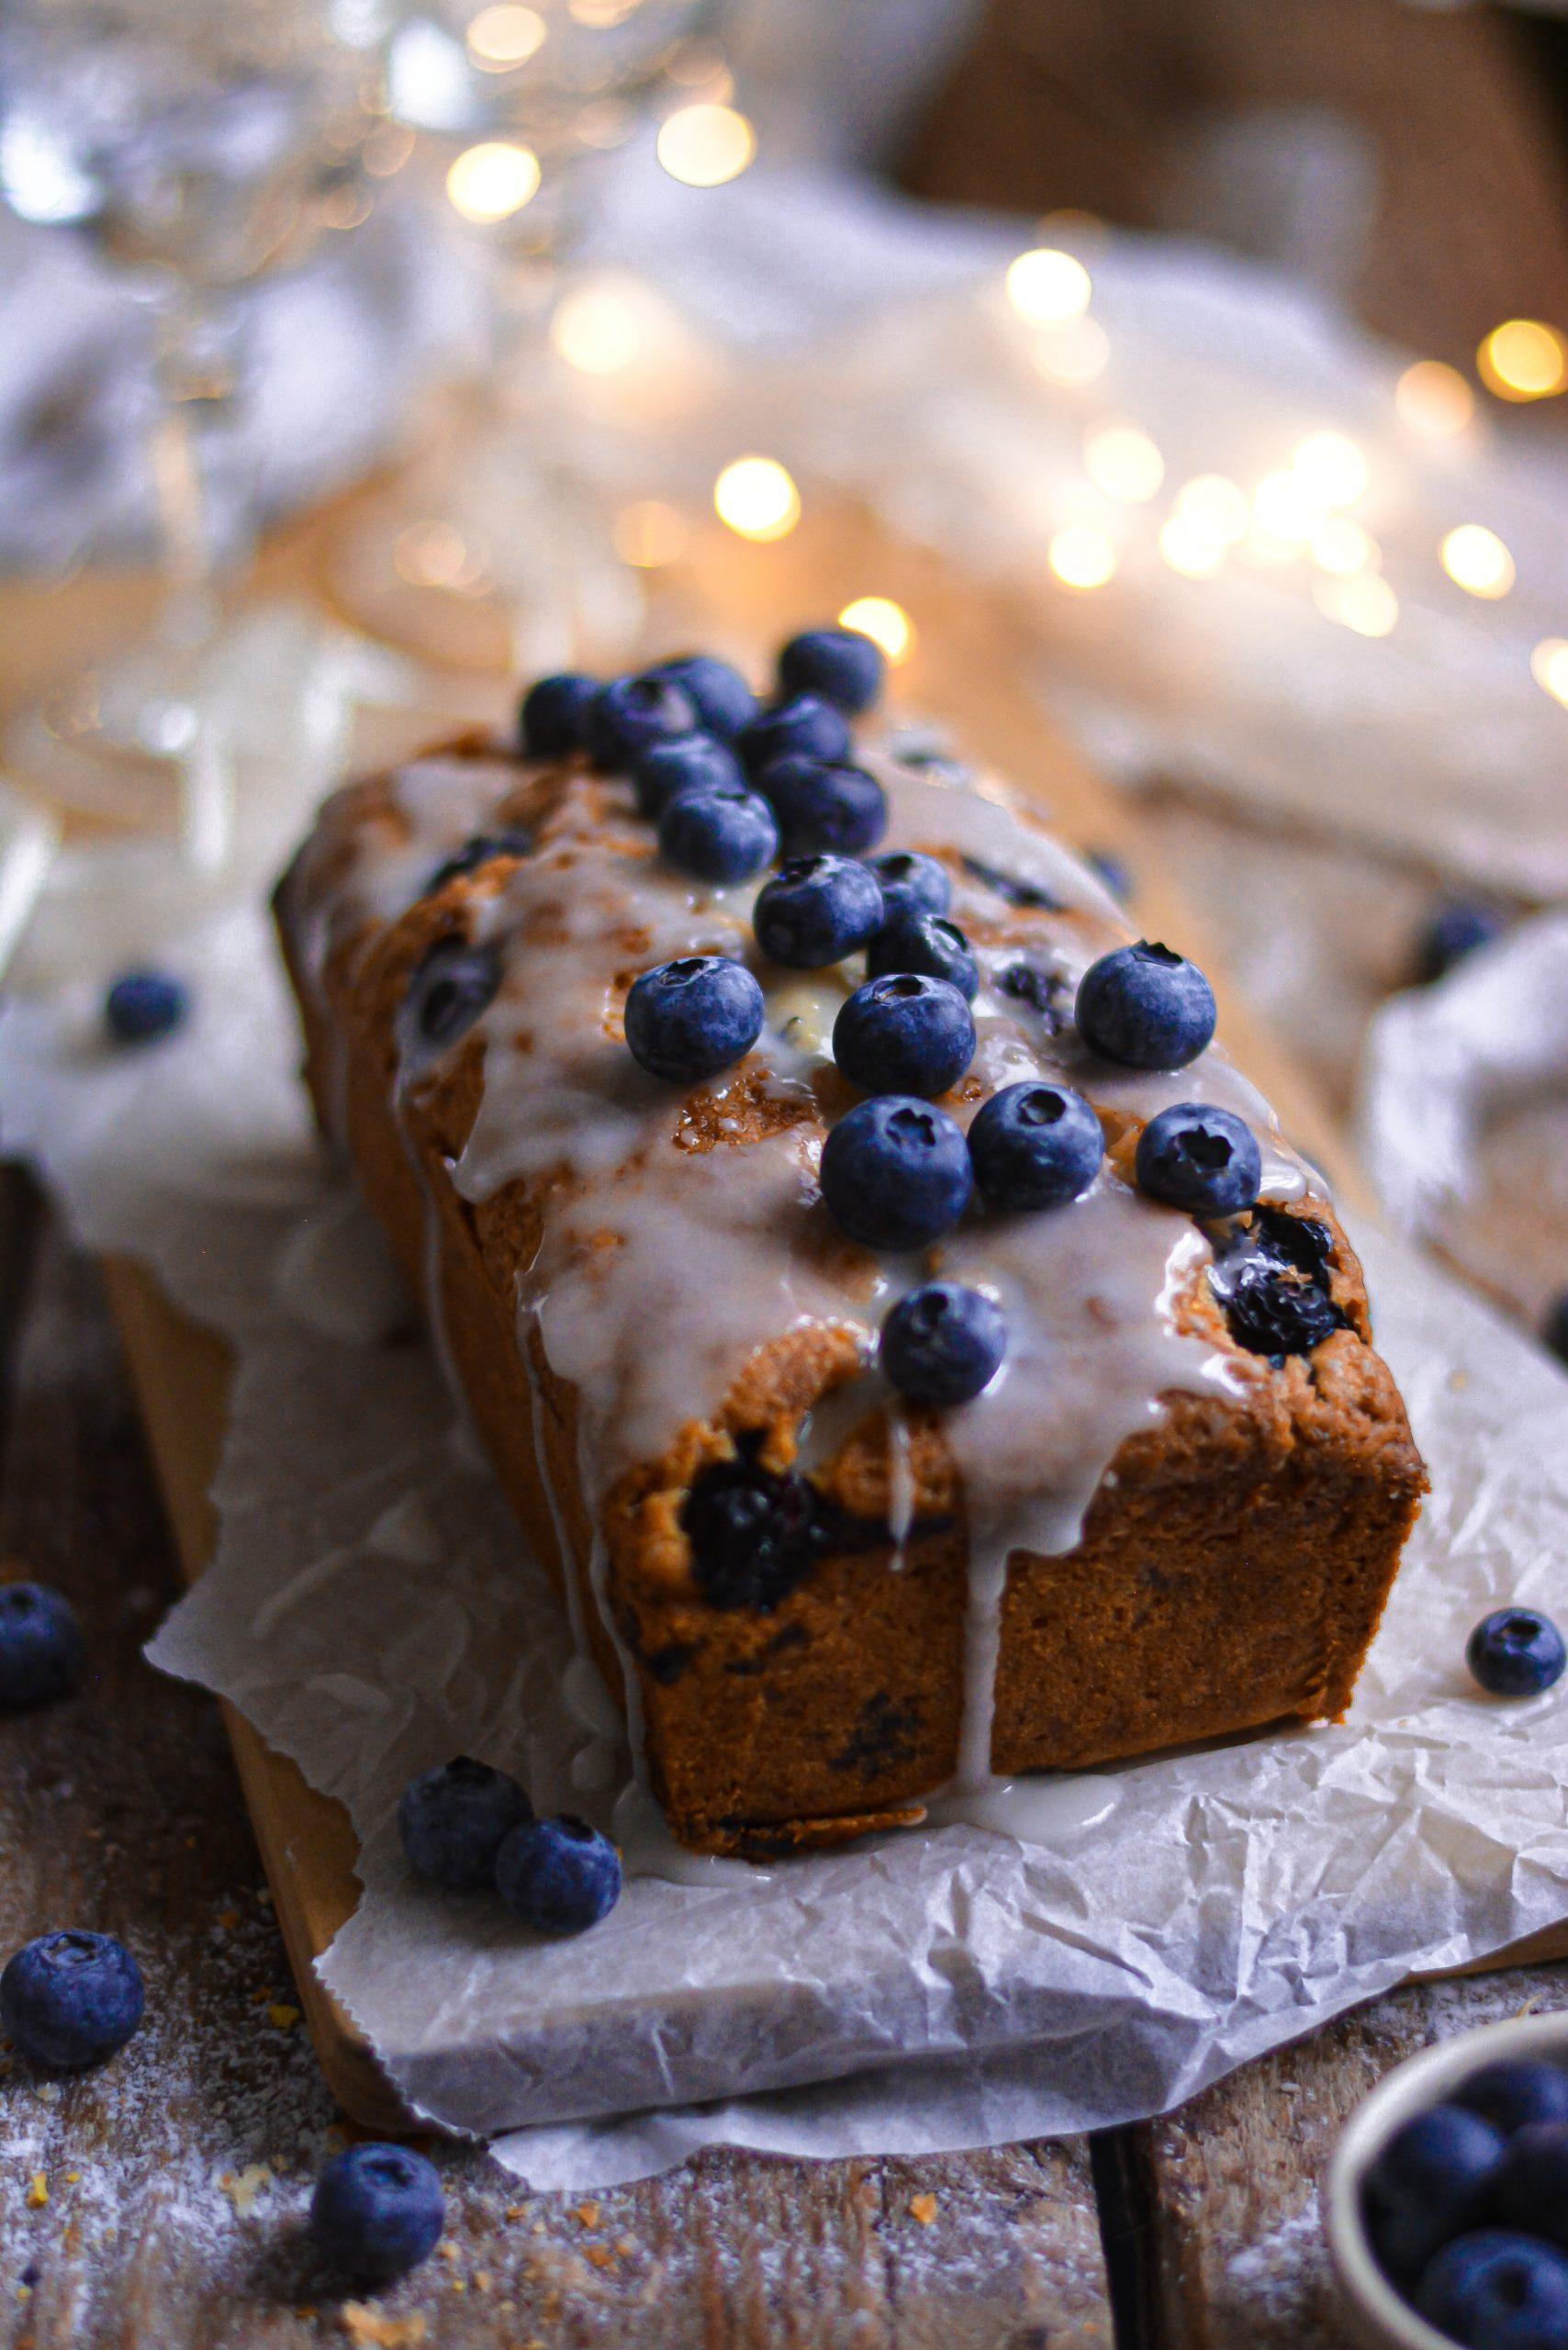 Cake Vegan Citron et Myrtilles / Vegan One Bowl Lemon and Blueberry Loaf Cake